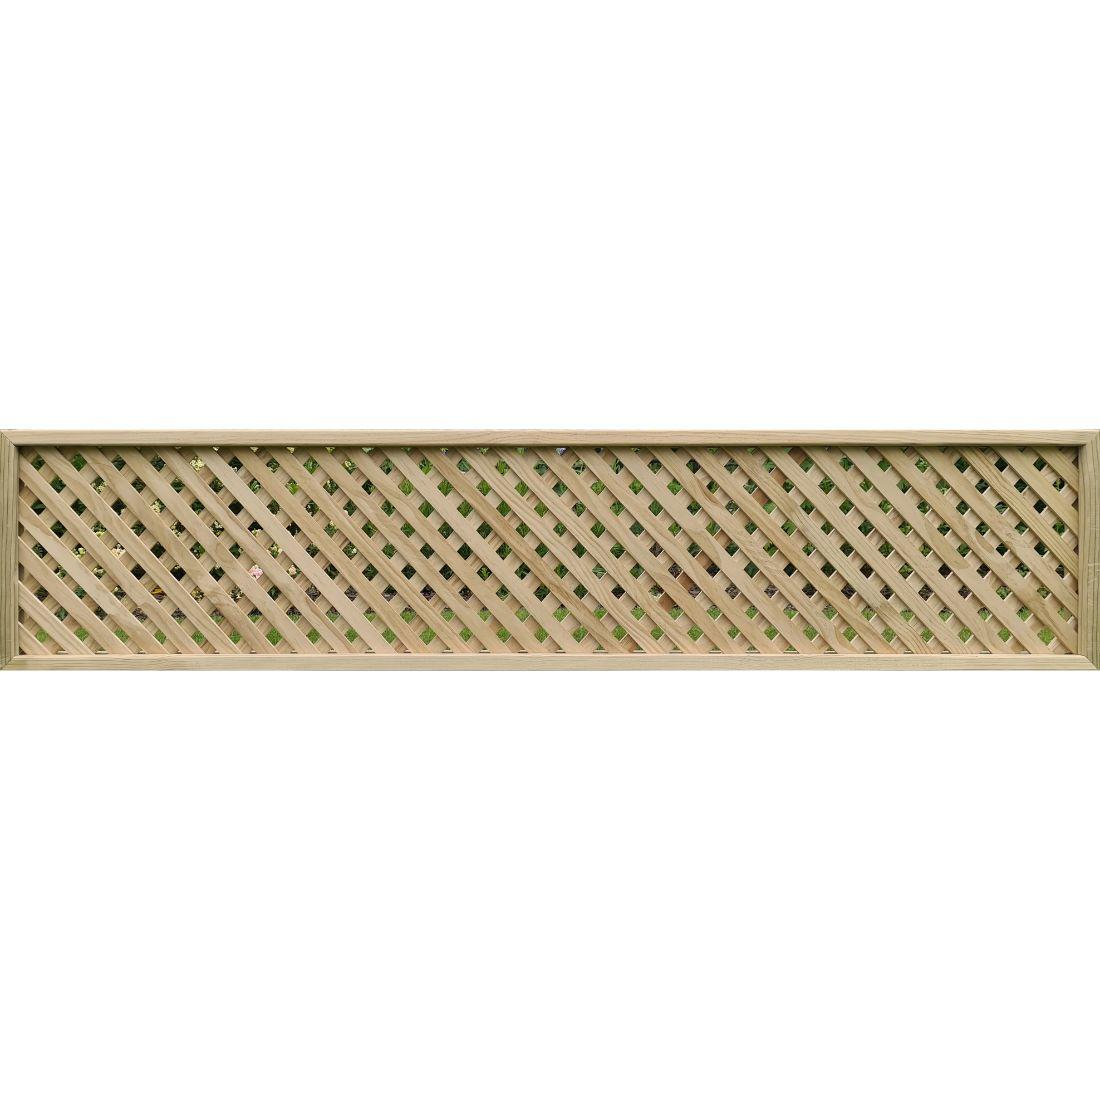 Trellis Heavy Framed Fencetop Diagonal 2400 x 500 x 10mm